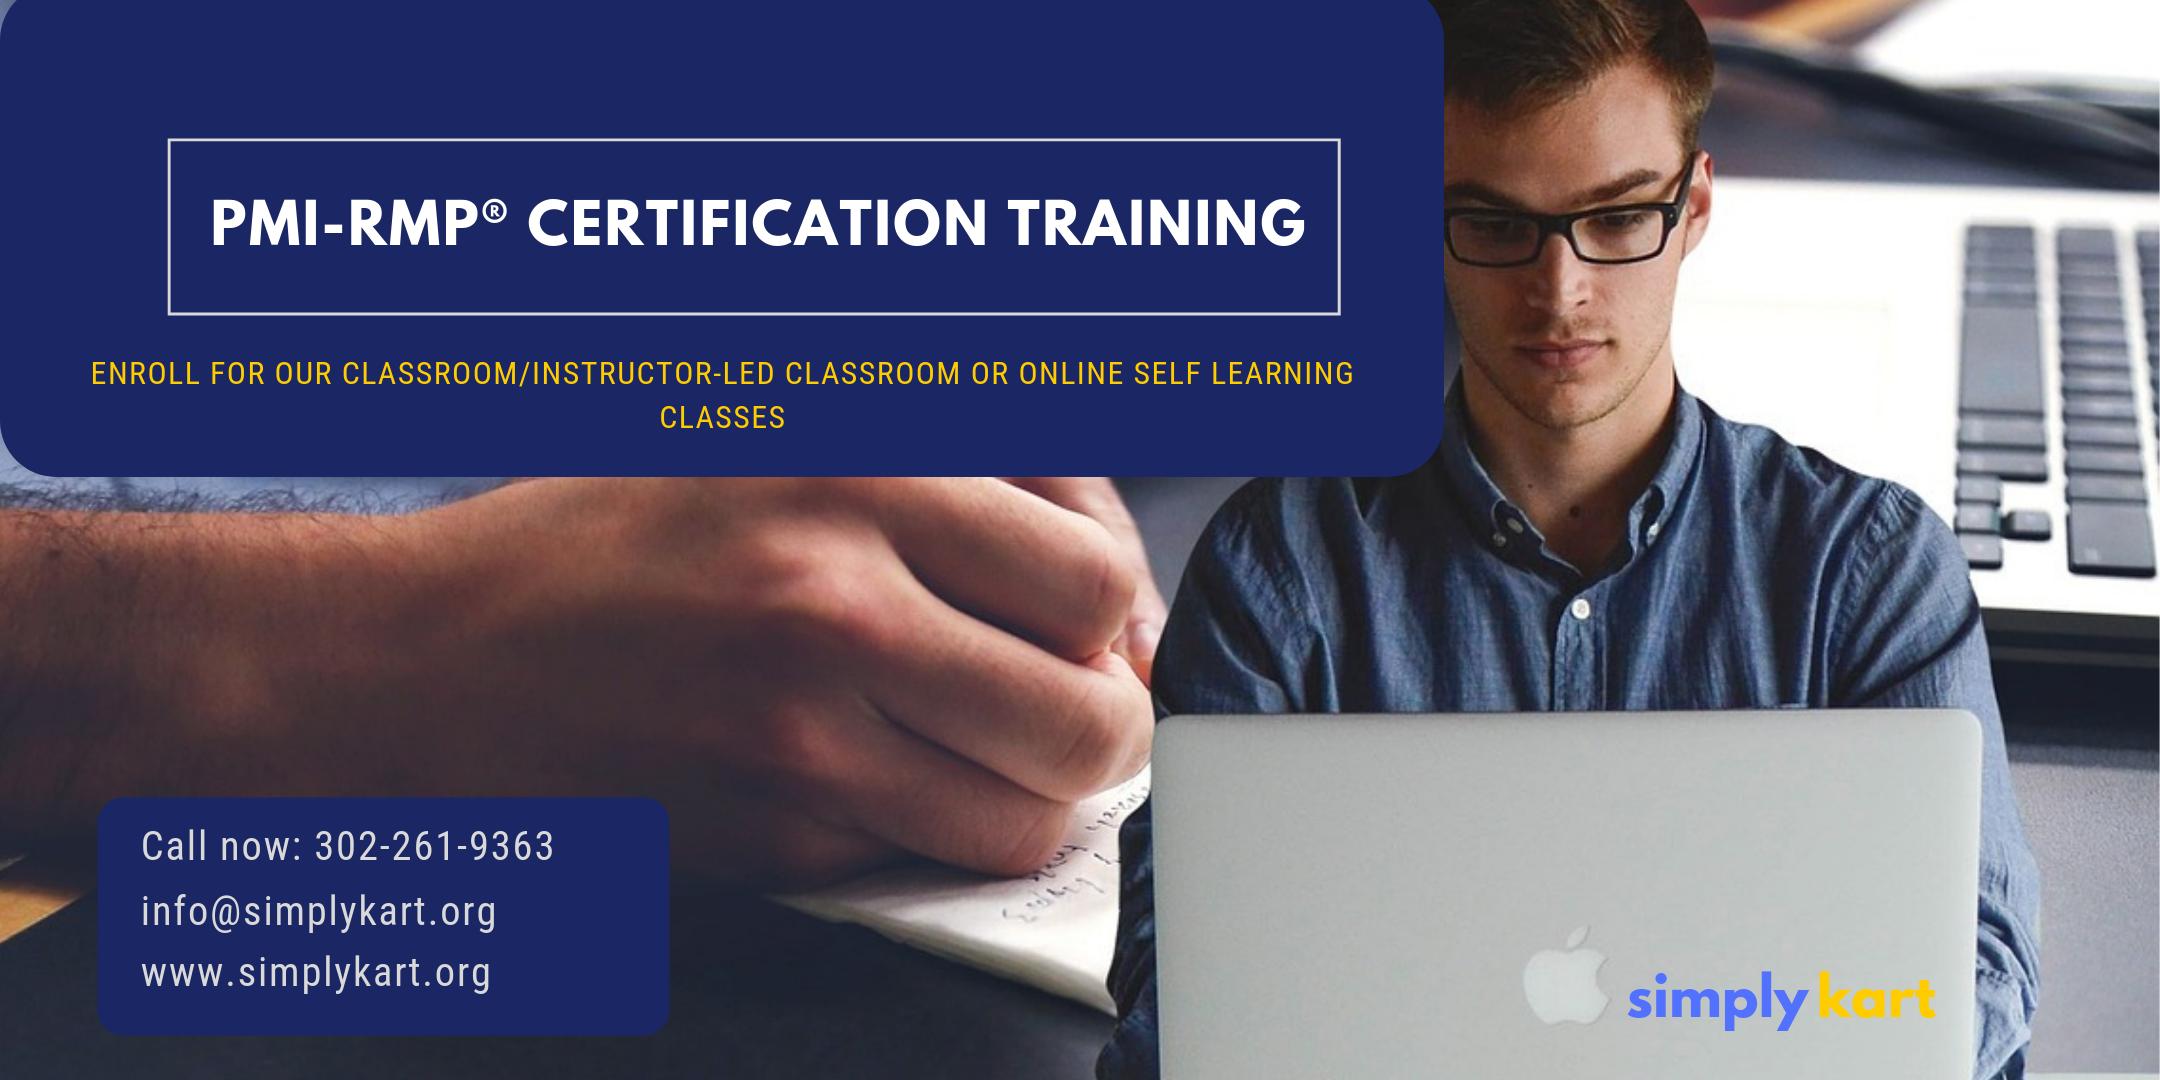 PMI-RMP Certification Training in Esquimalt, BC